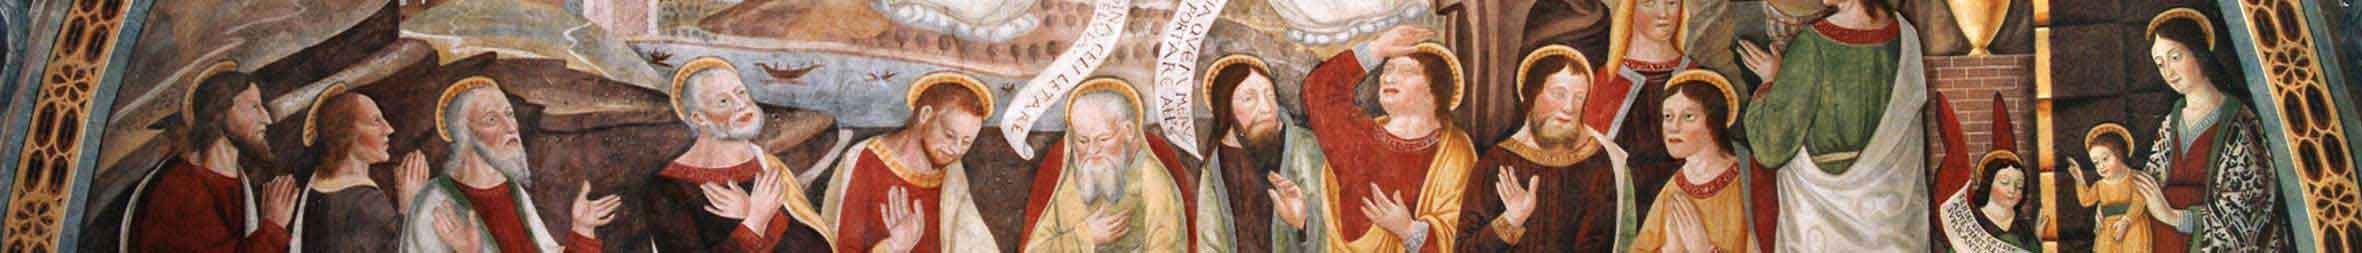 restauro opere d'arte